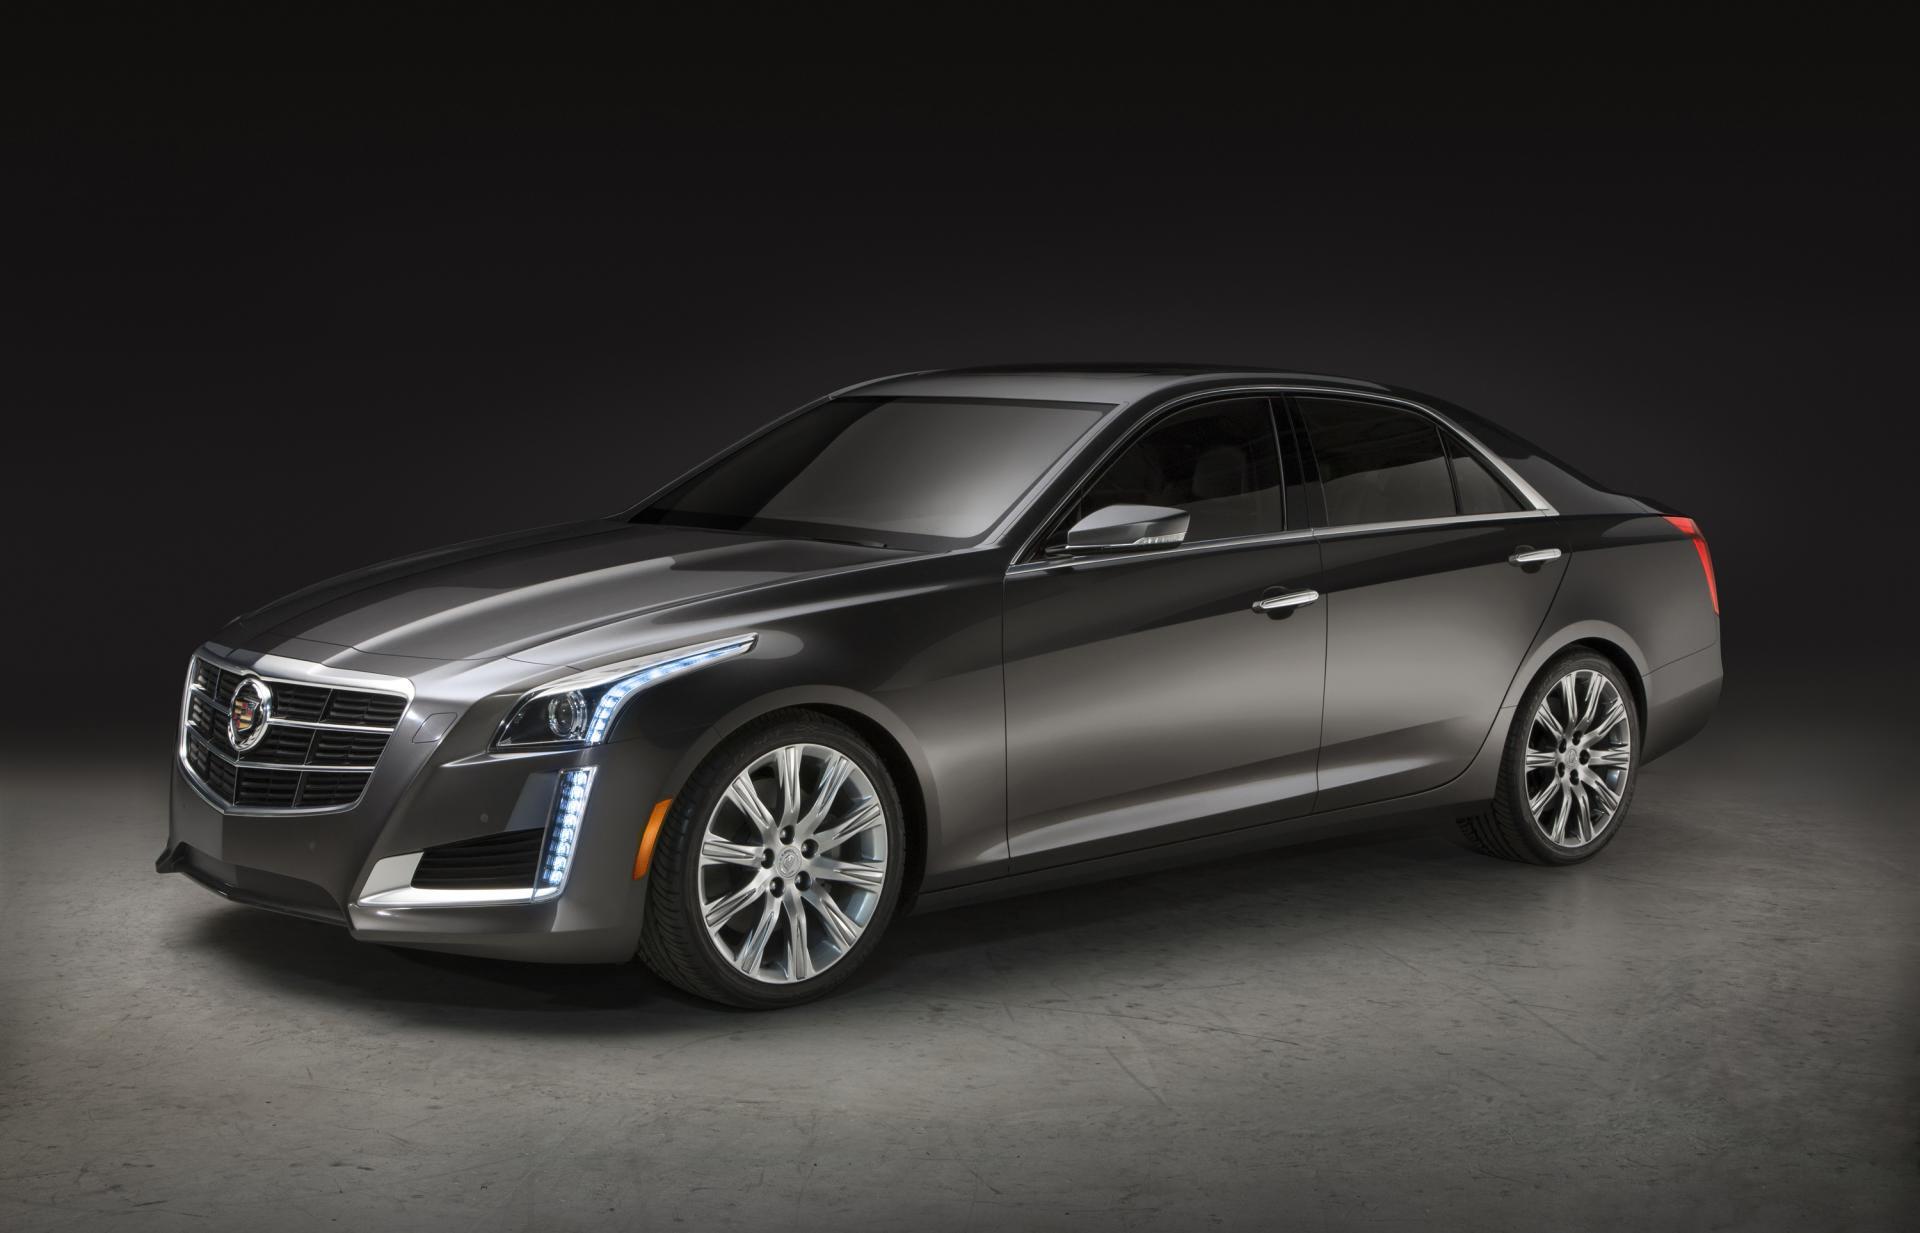 2014 Cadillac CTS - conceptcarz.com